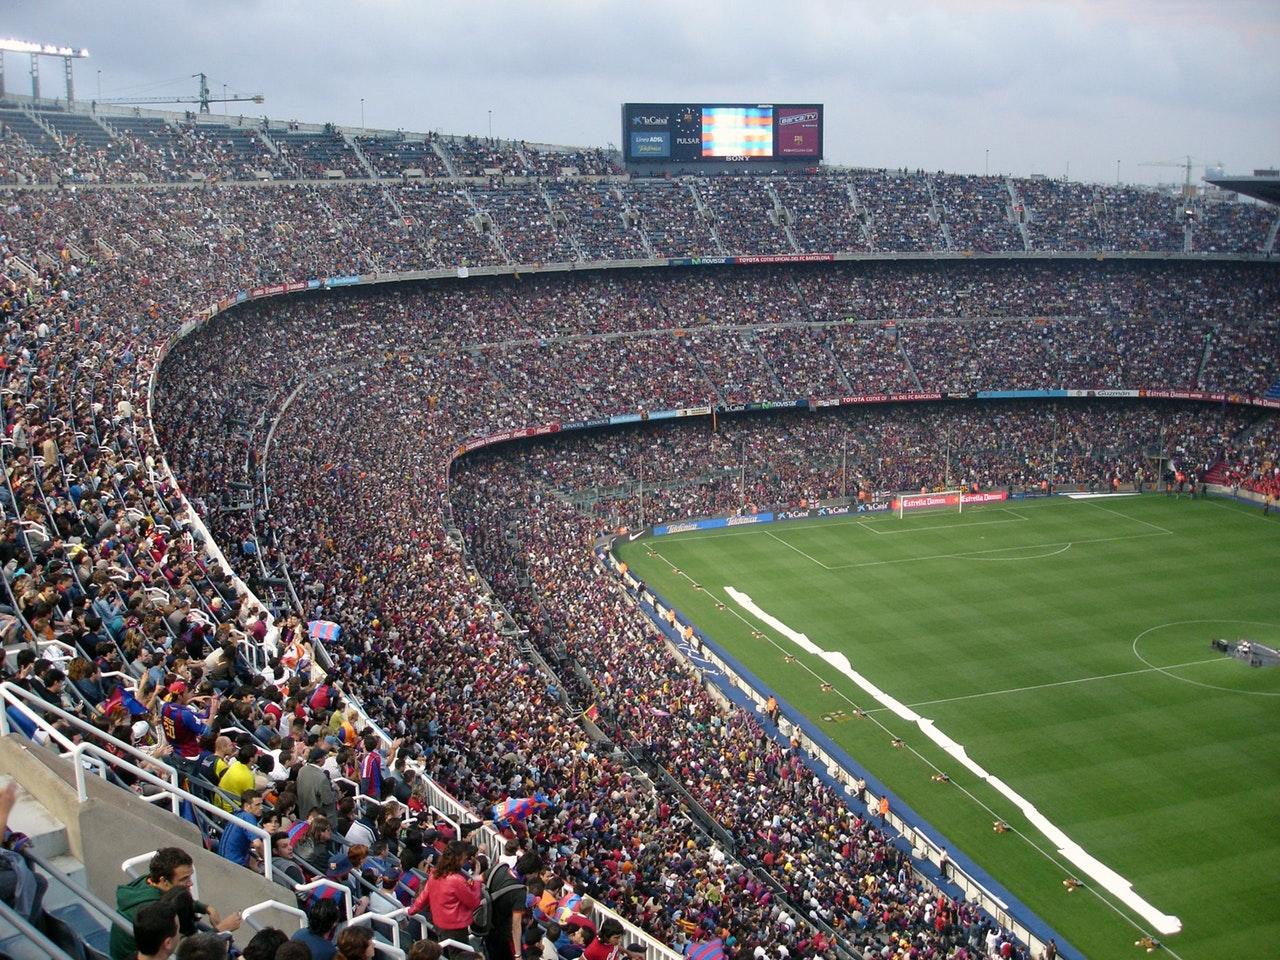 Kamp og fullsatt fotballstadion